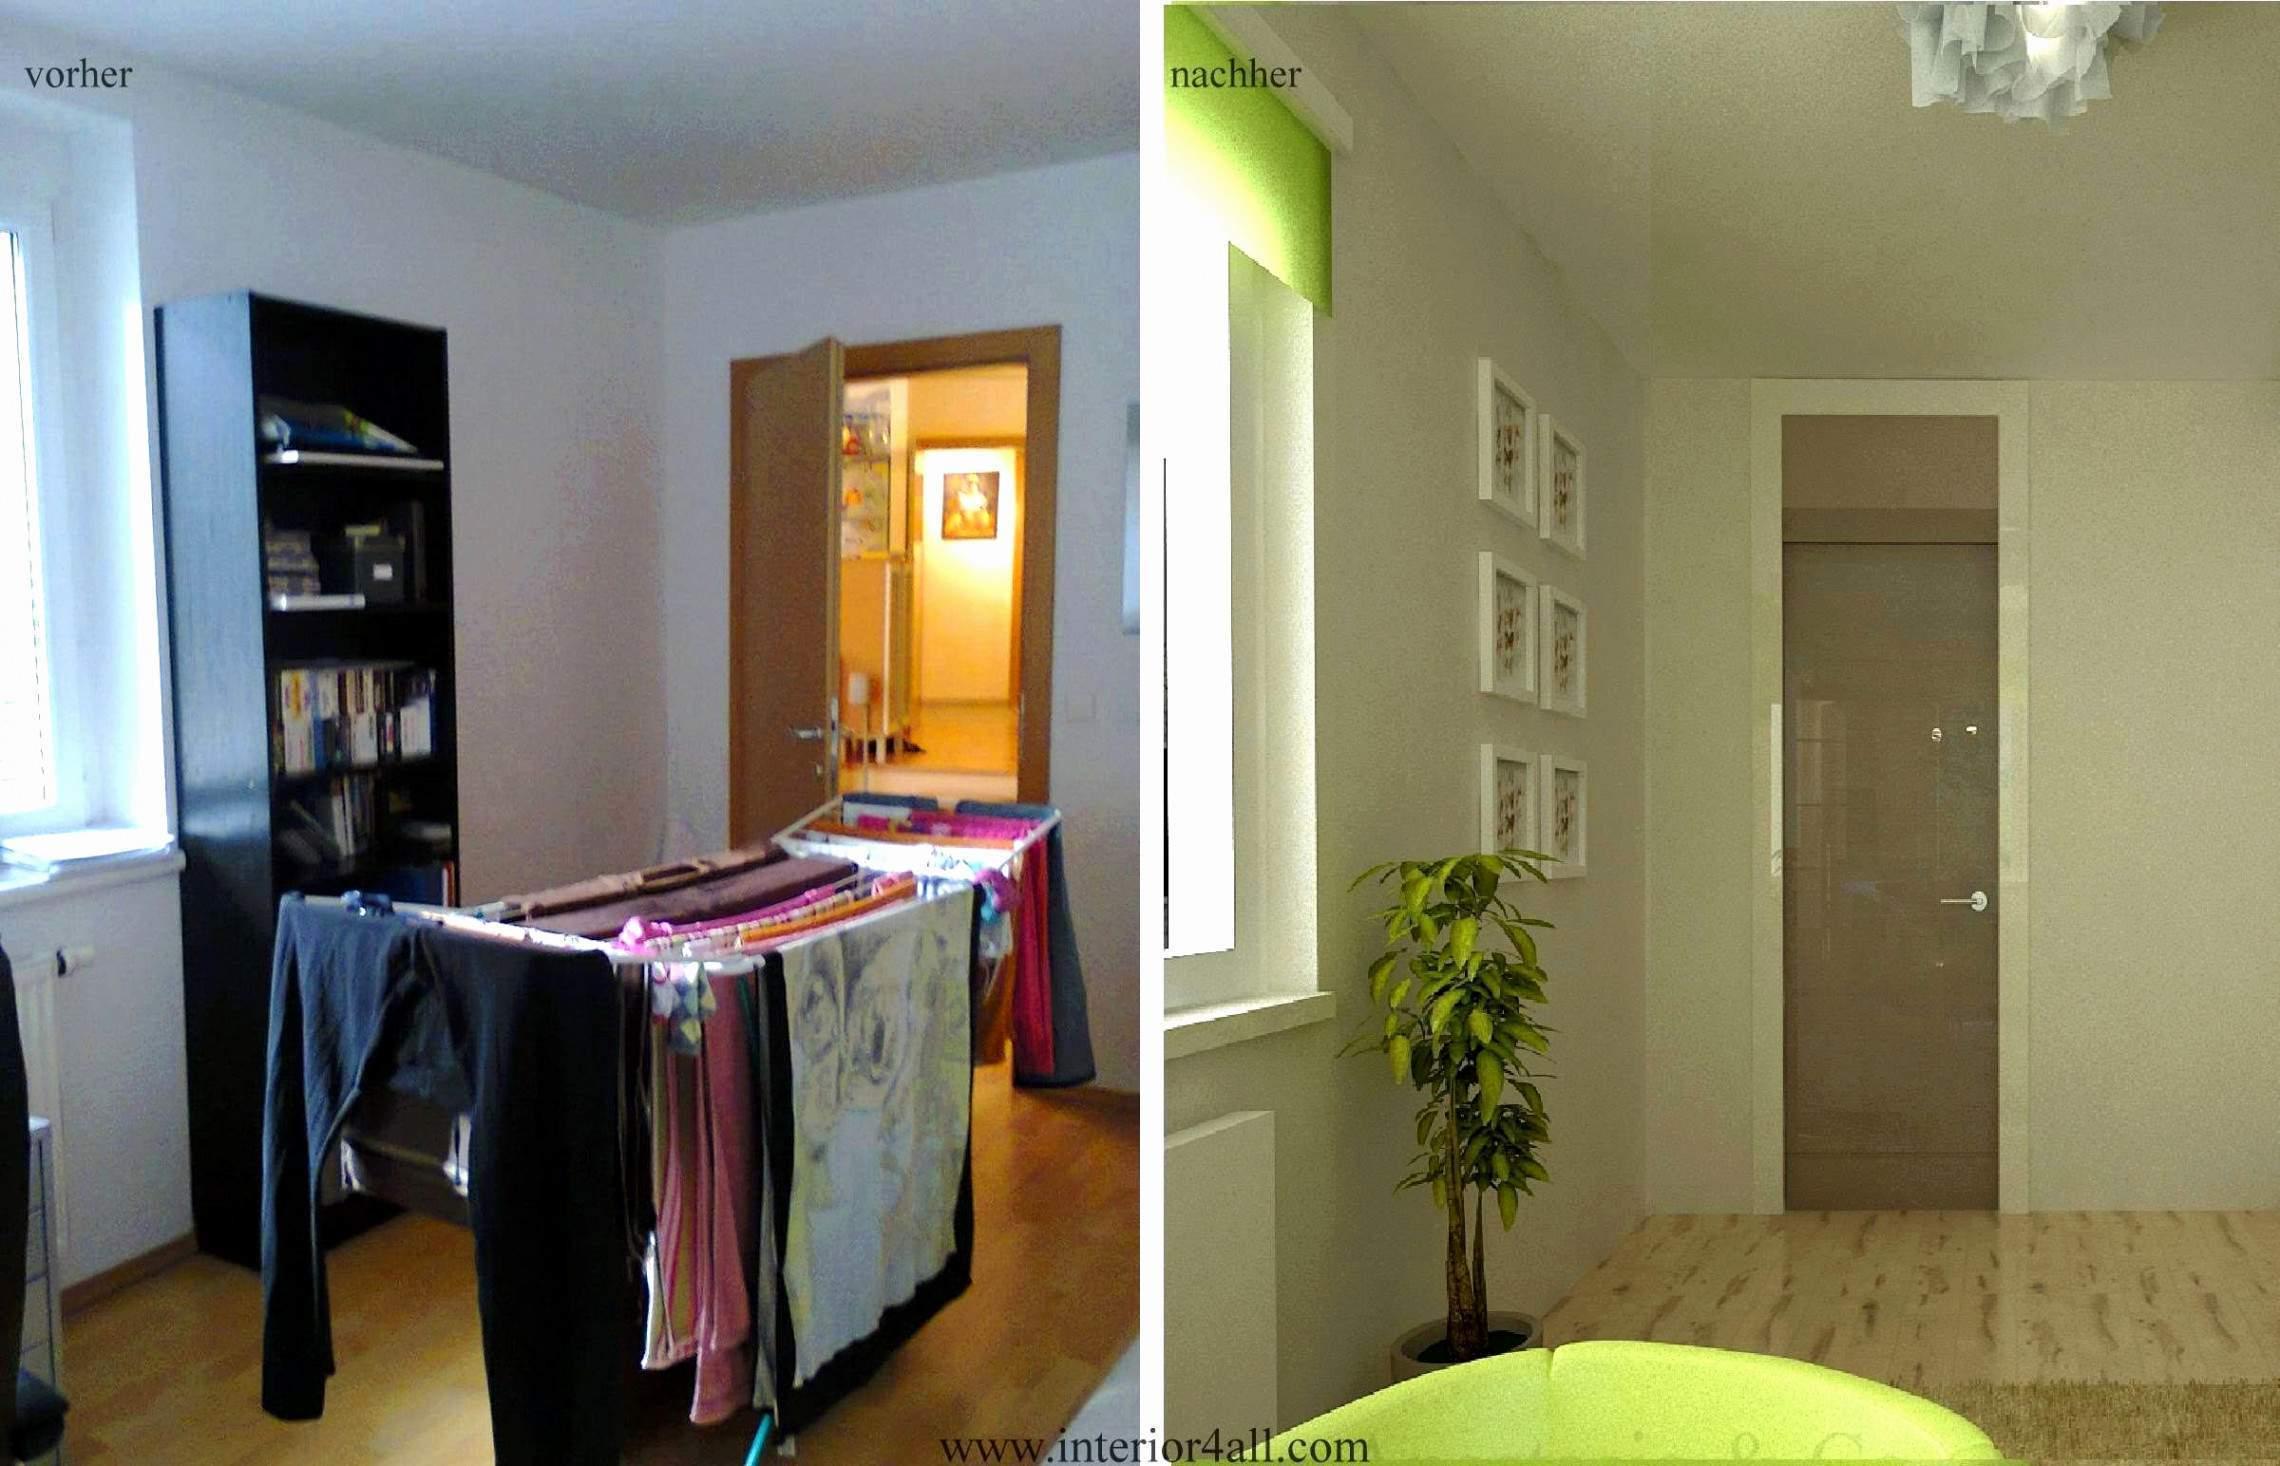 kleines wohnzimmer vorher nachher genial 32 luxus kleines wohnzimmer vorher nachher inspirierend of kleines wohnzimmer vorher nachher